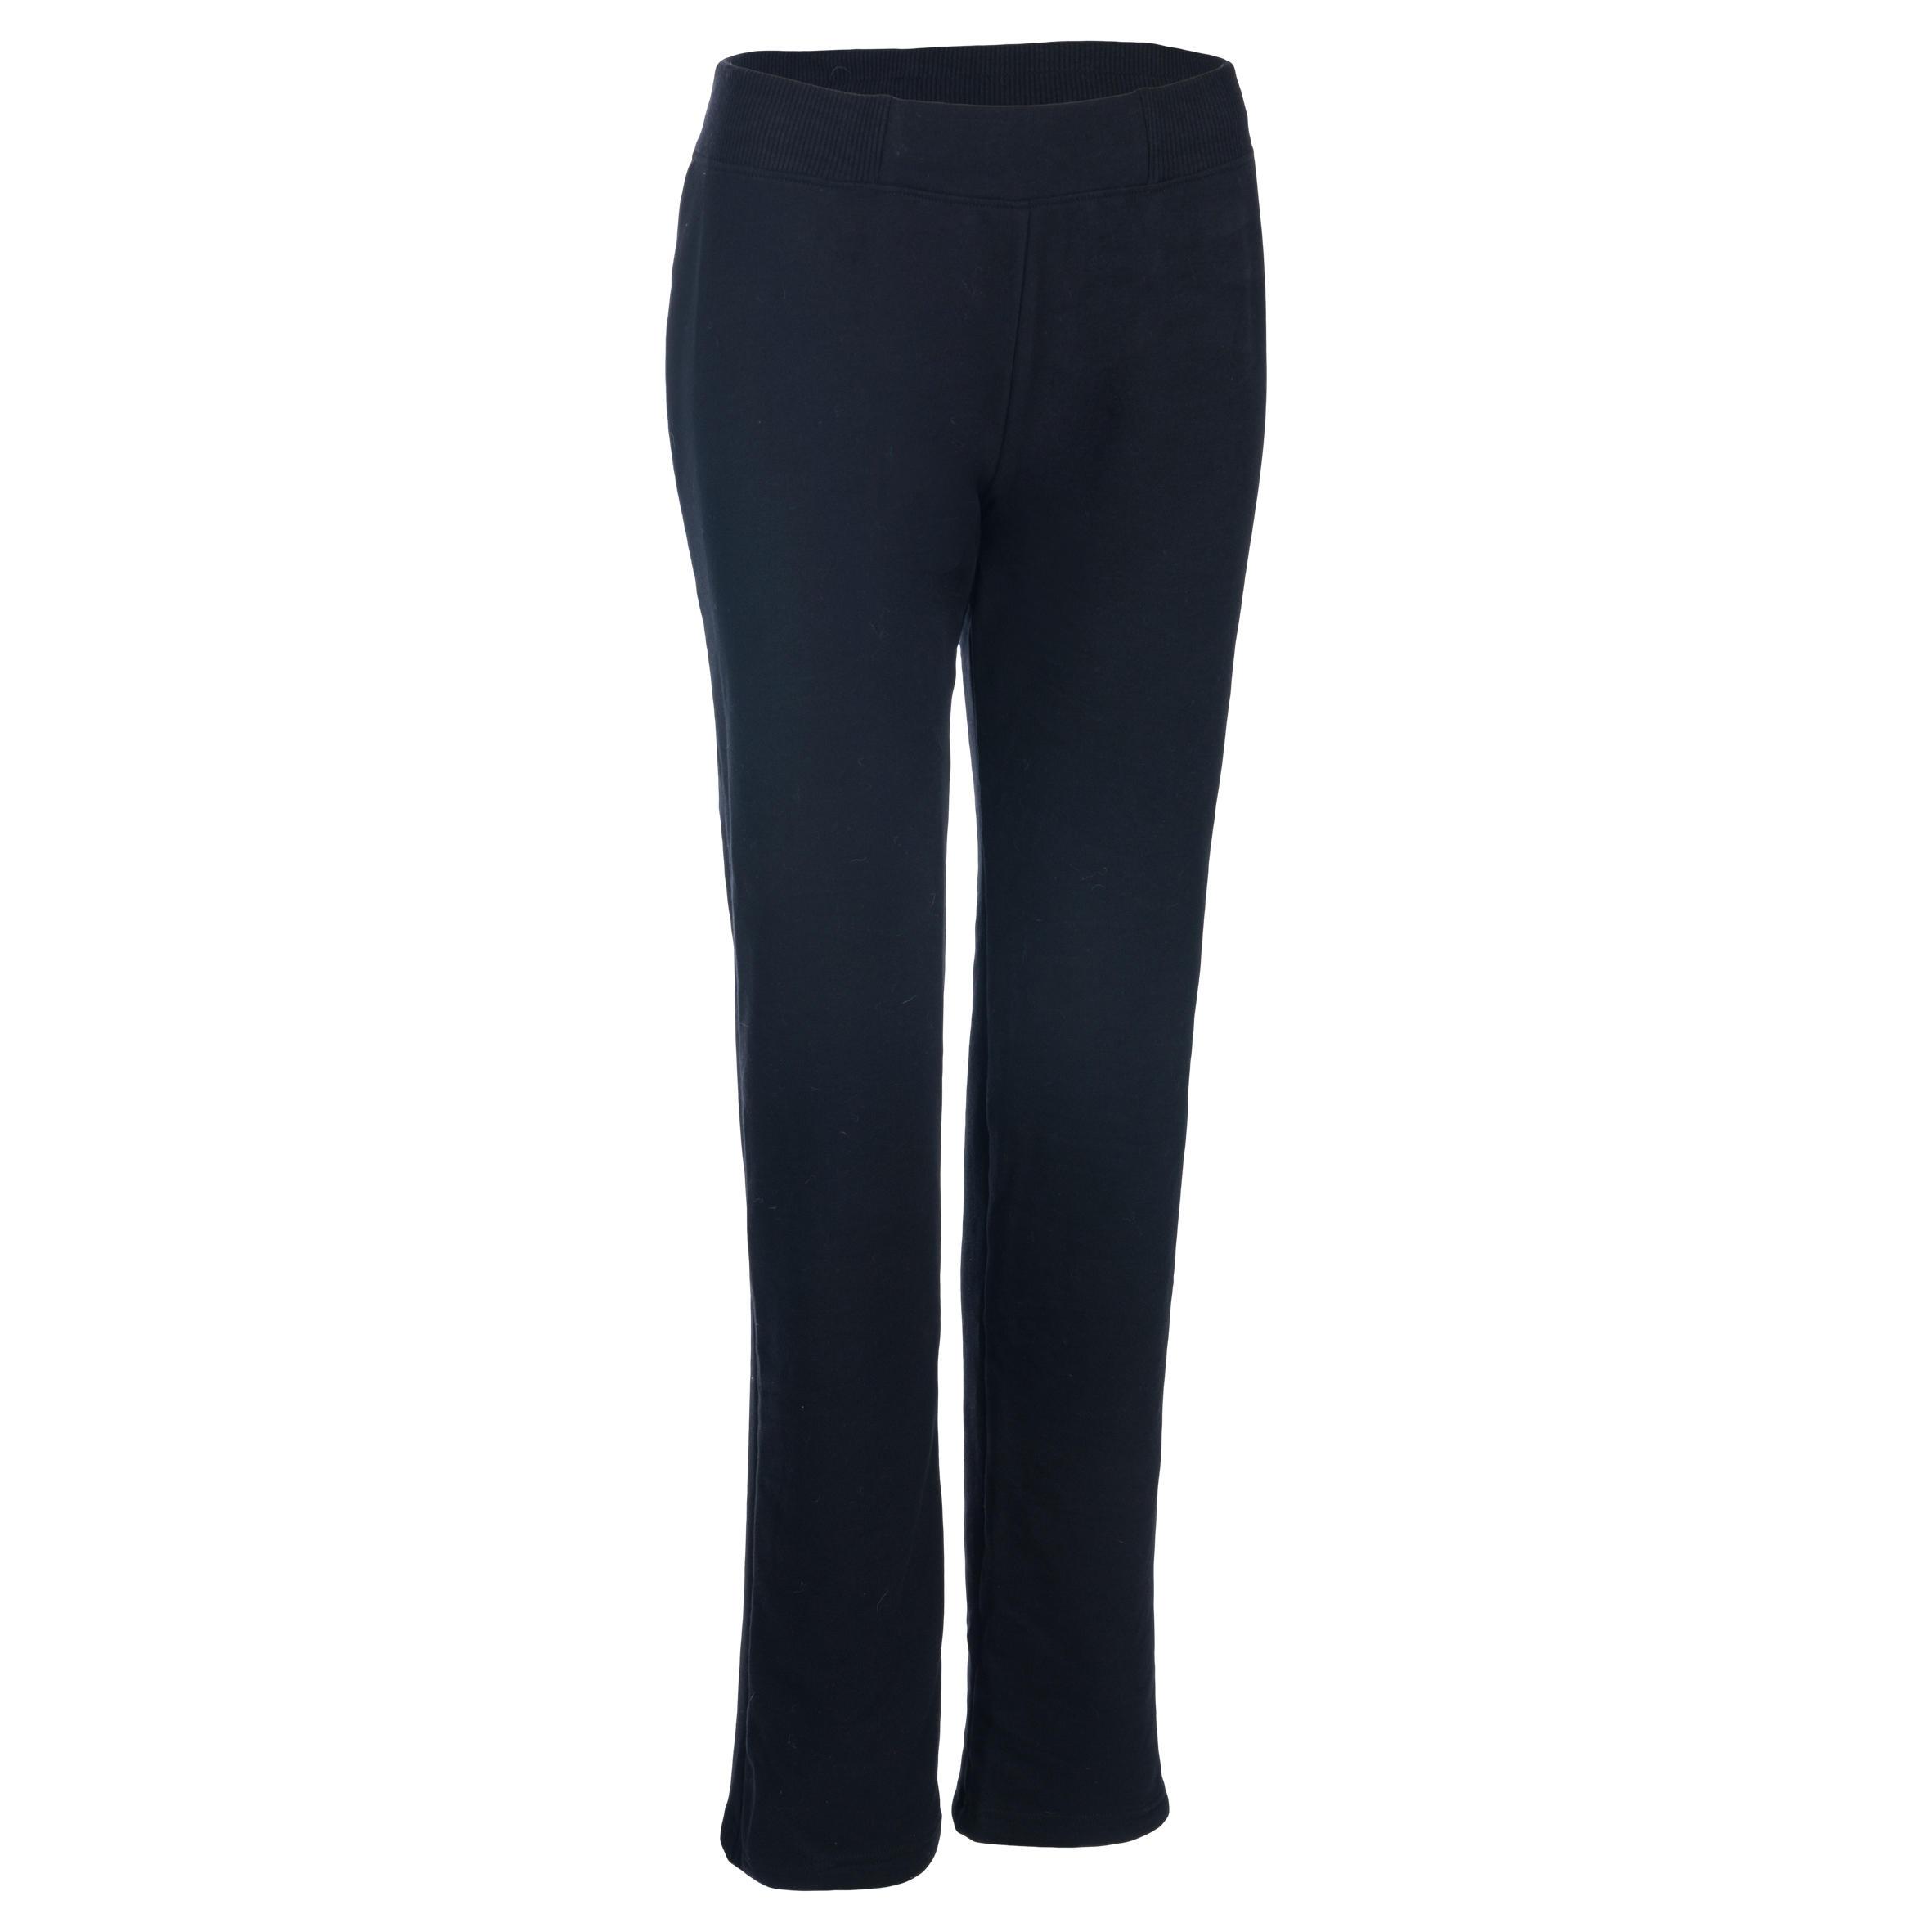 Pantalon 500 régulier Gym extensible femme noir